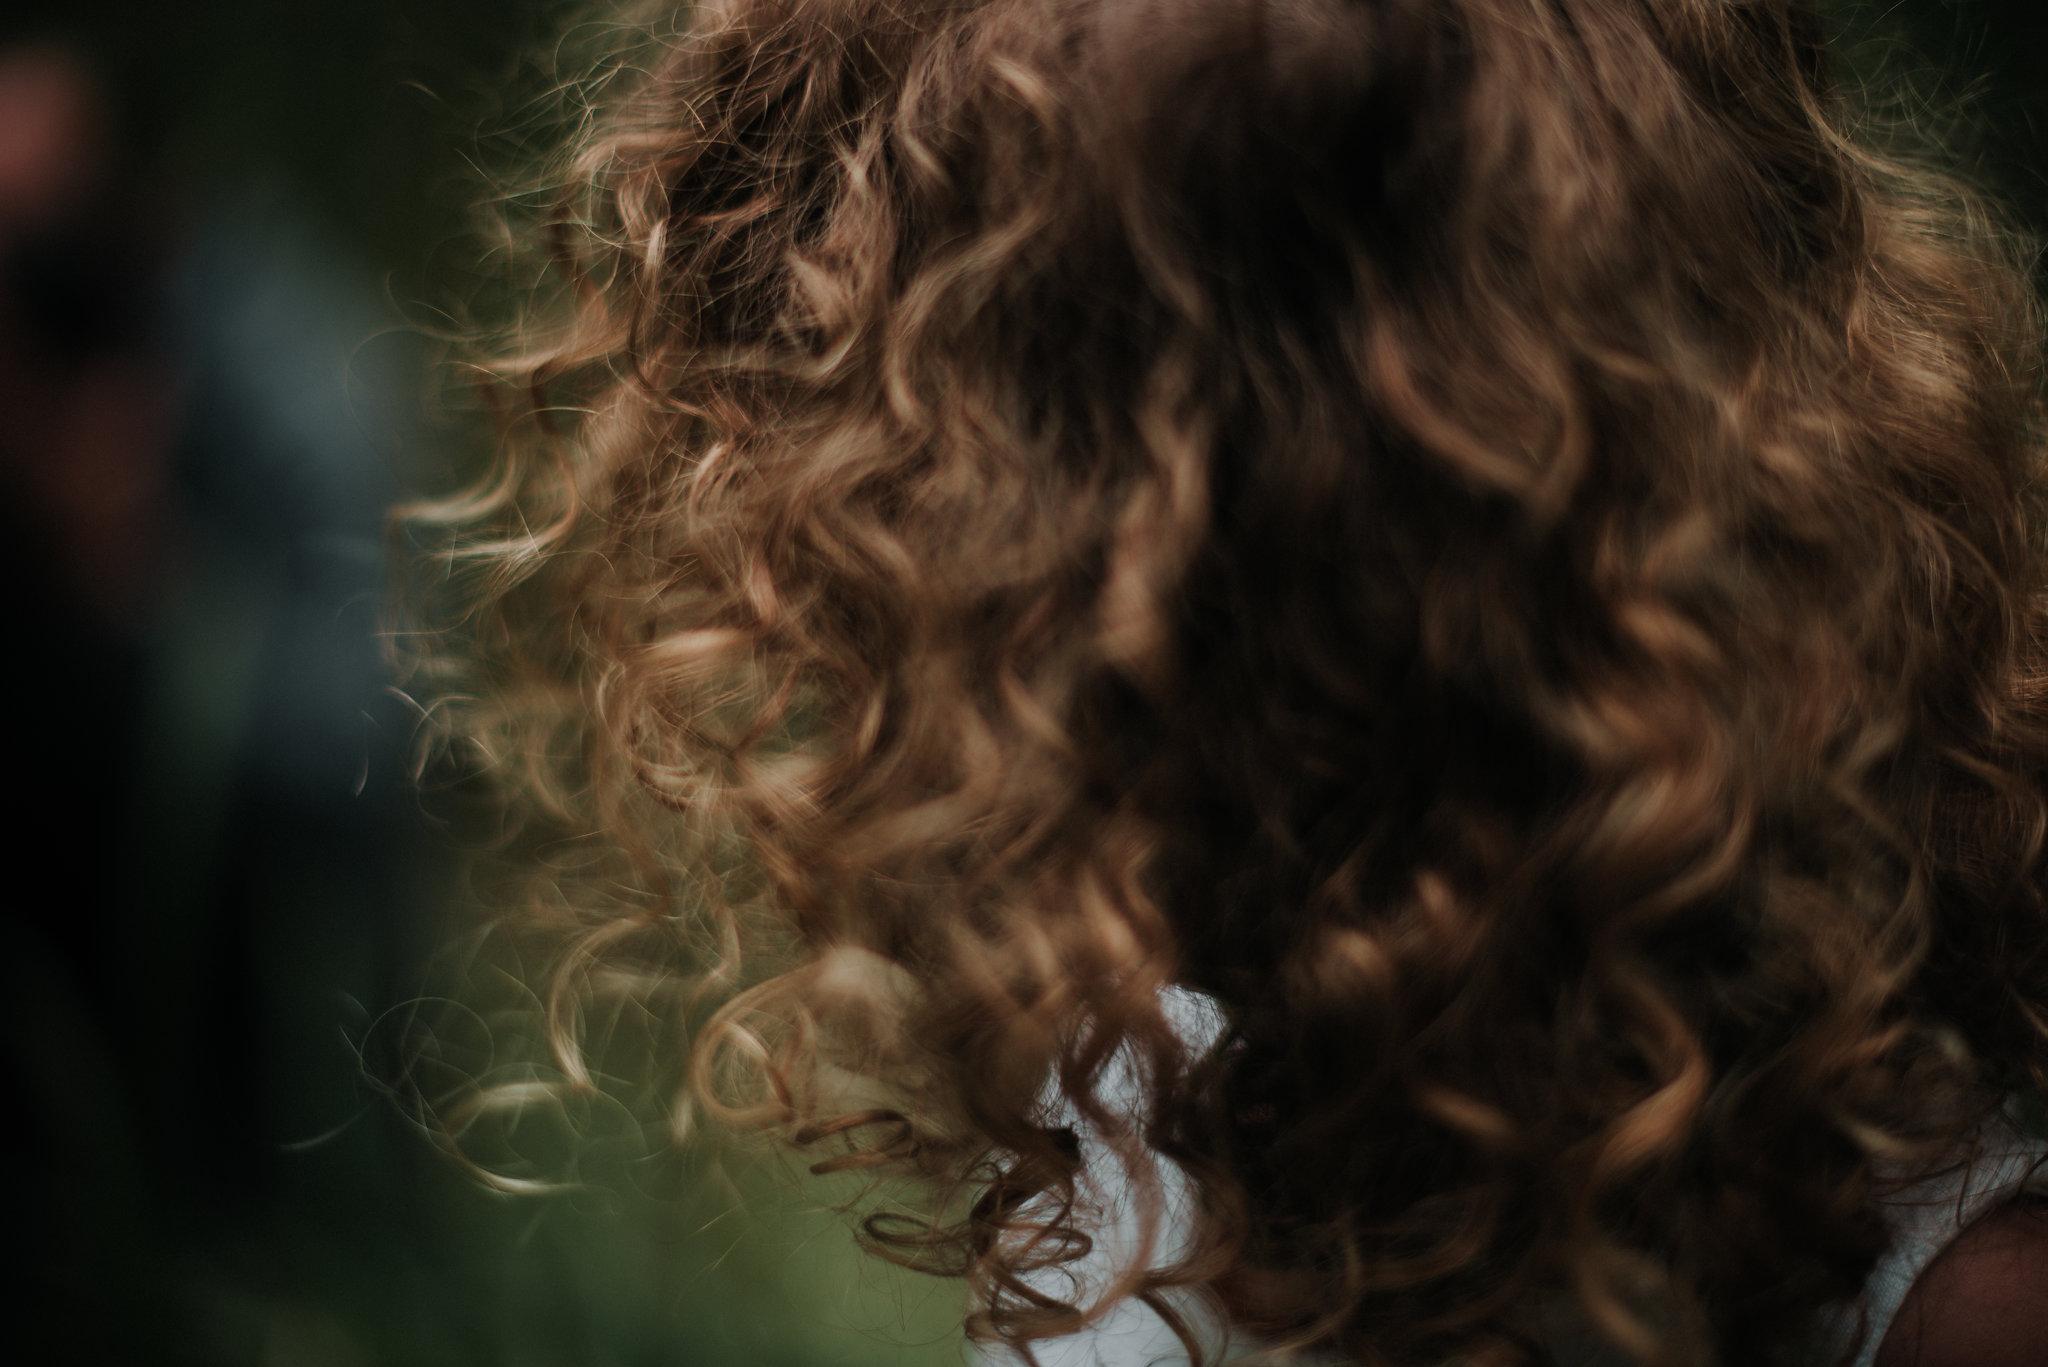 Léa-Fery-photographe-professionnel-lyon-rhone-alpes-portrait-creation-mariage-evenement-evenementiel-famille-8194.jpg